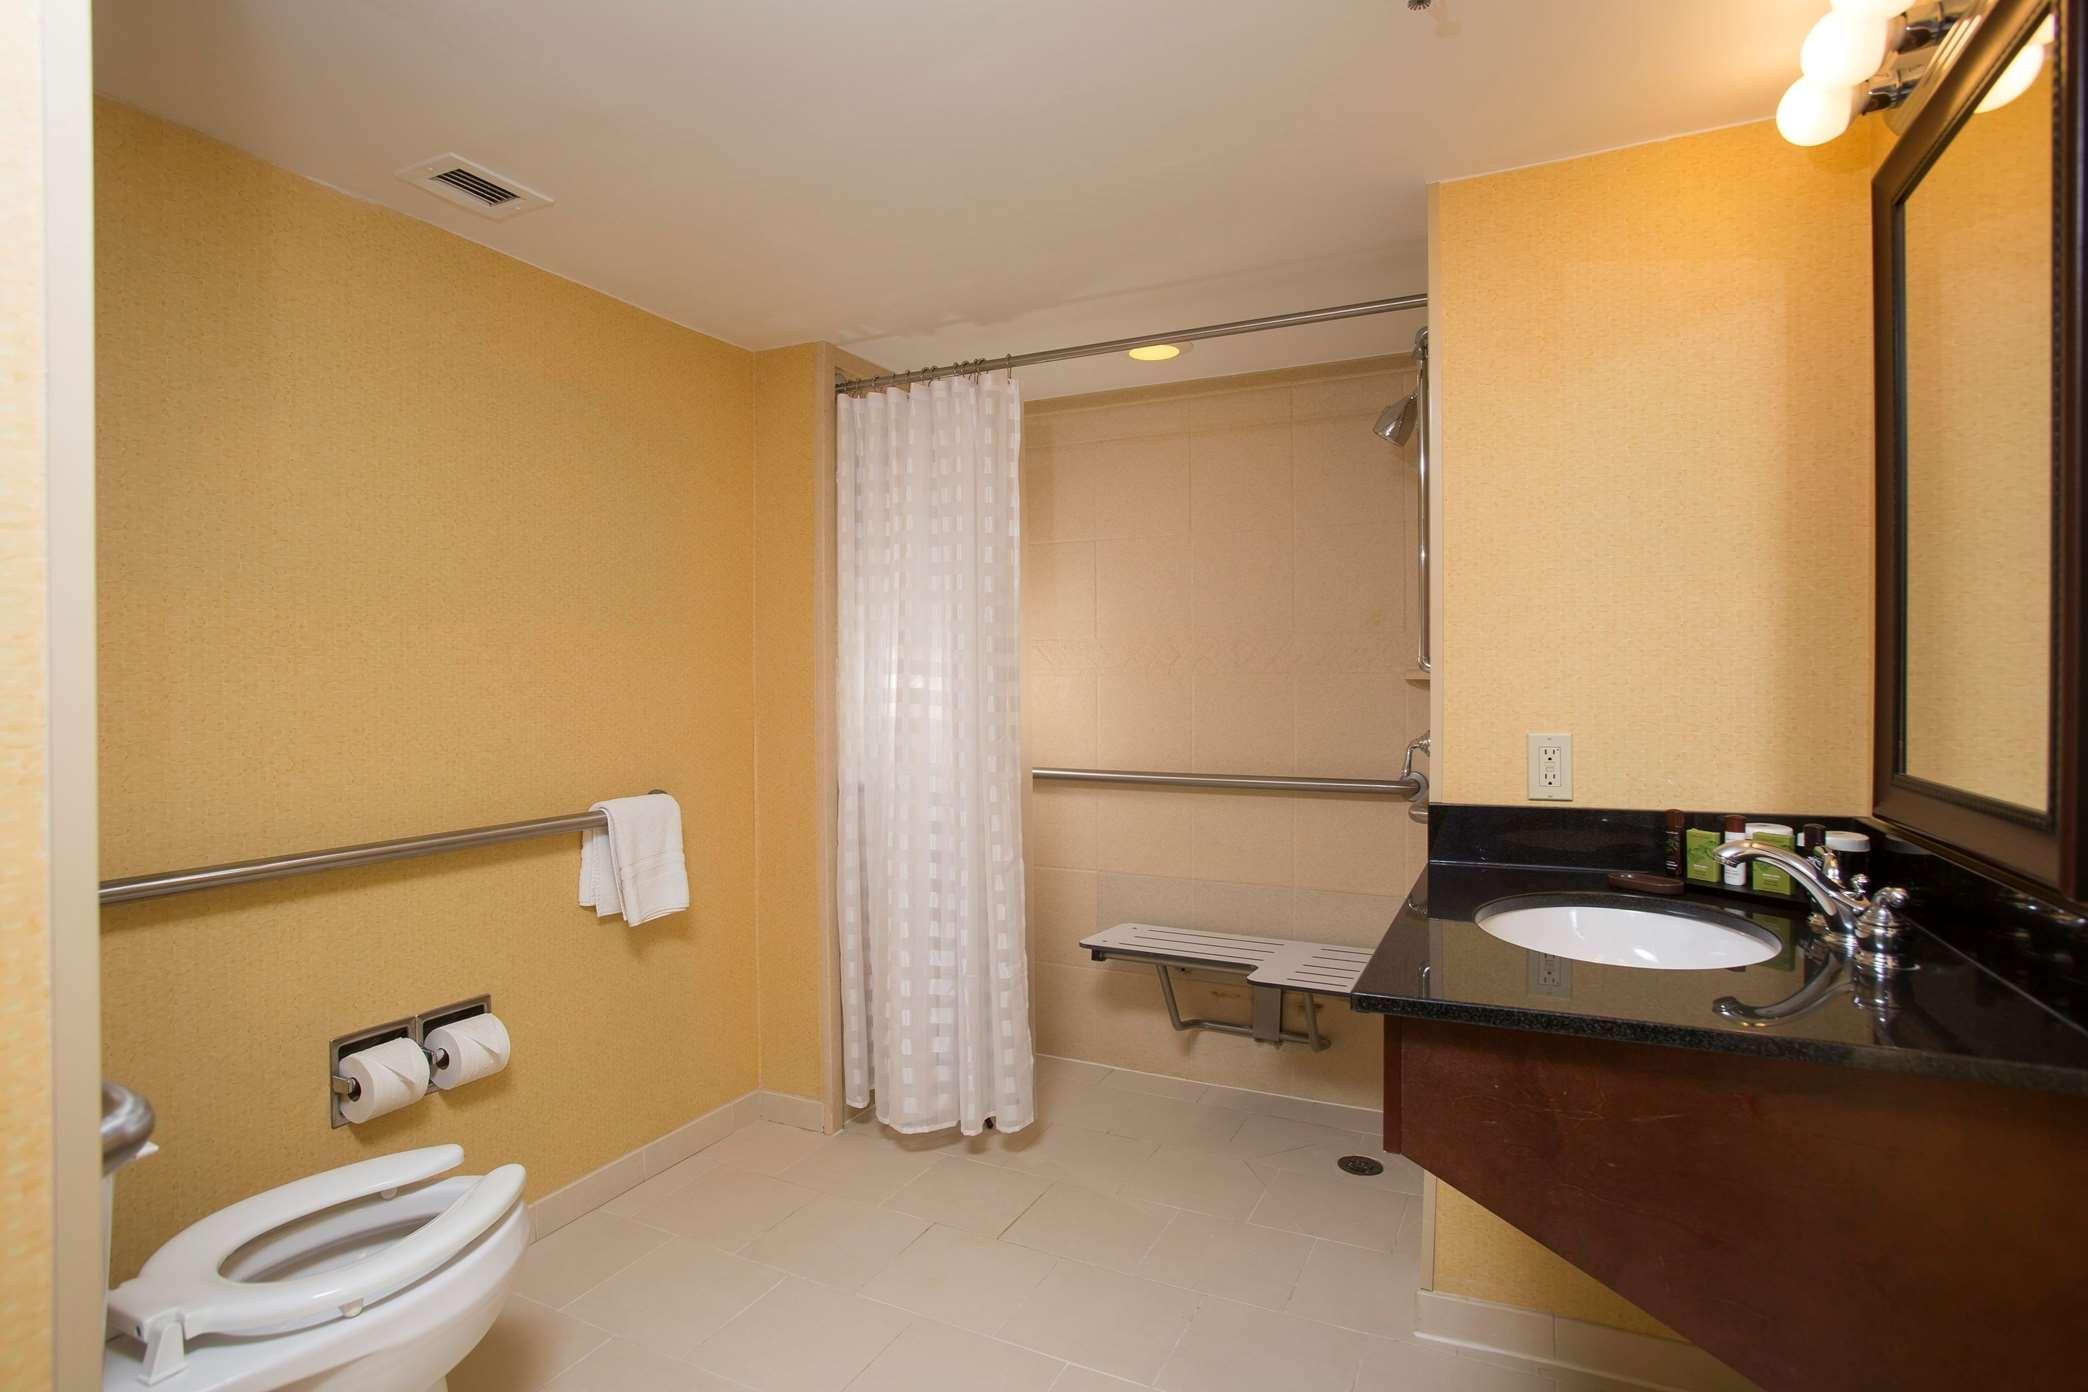 Embassy Suites by Hilton Detroit Troy Auburn Hills image 27